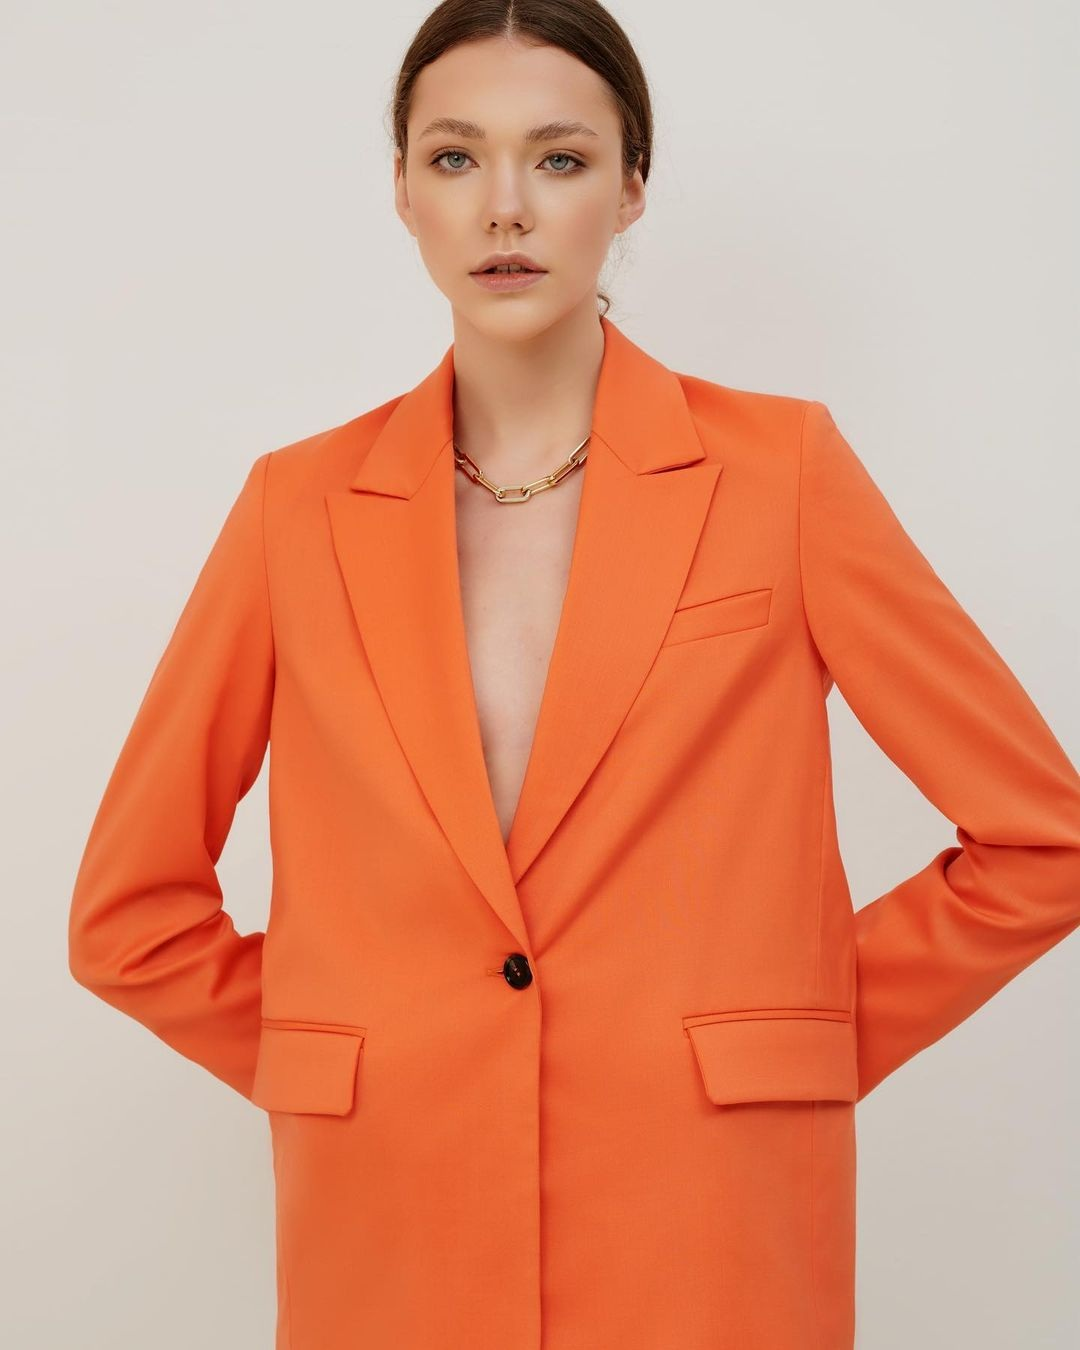 модный женский брючный костюм украинский бренд осень 2021 оранжевый